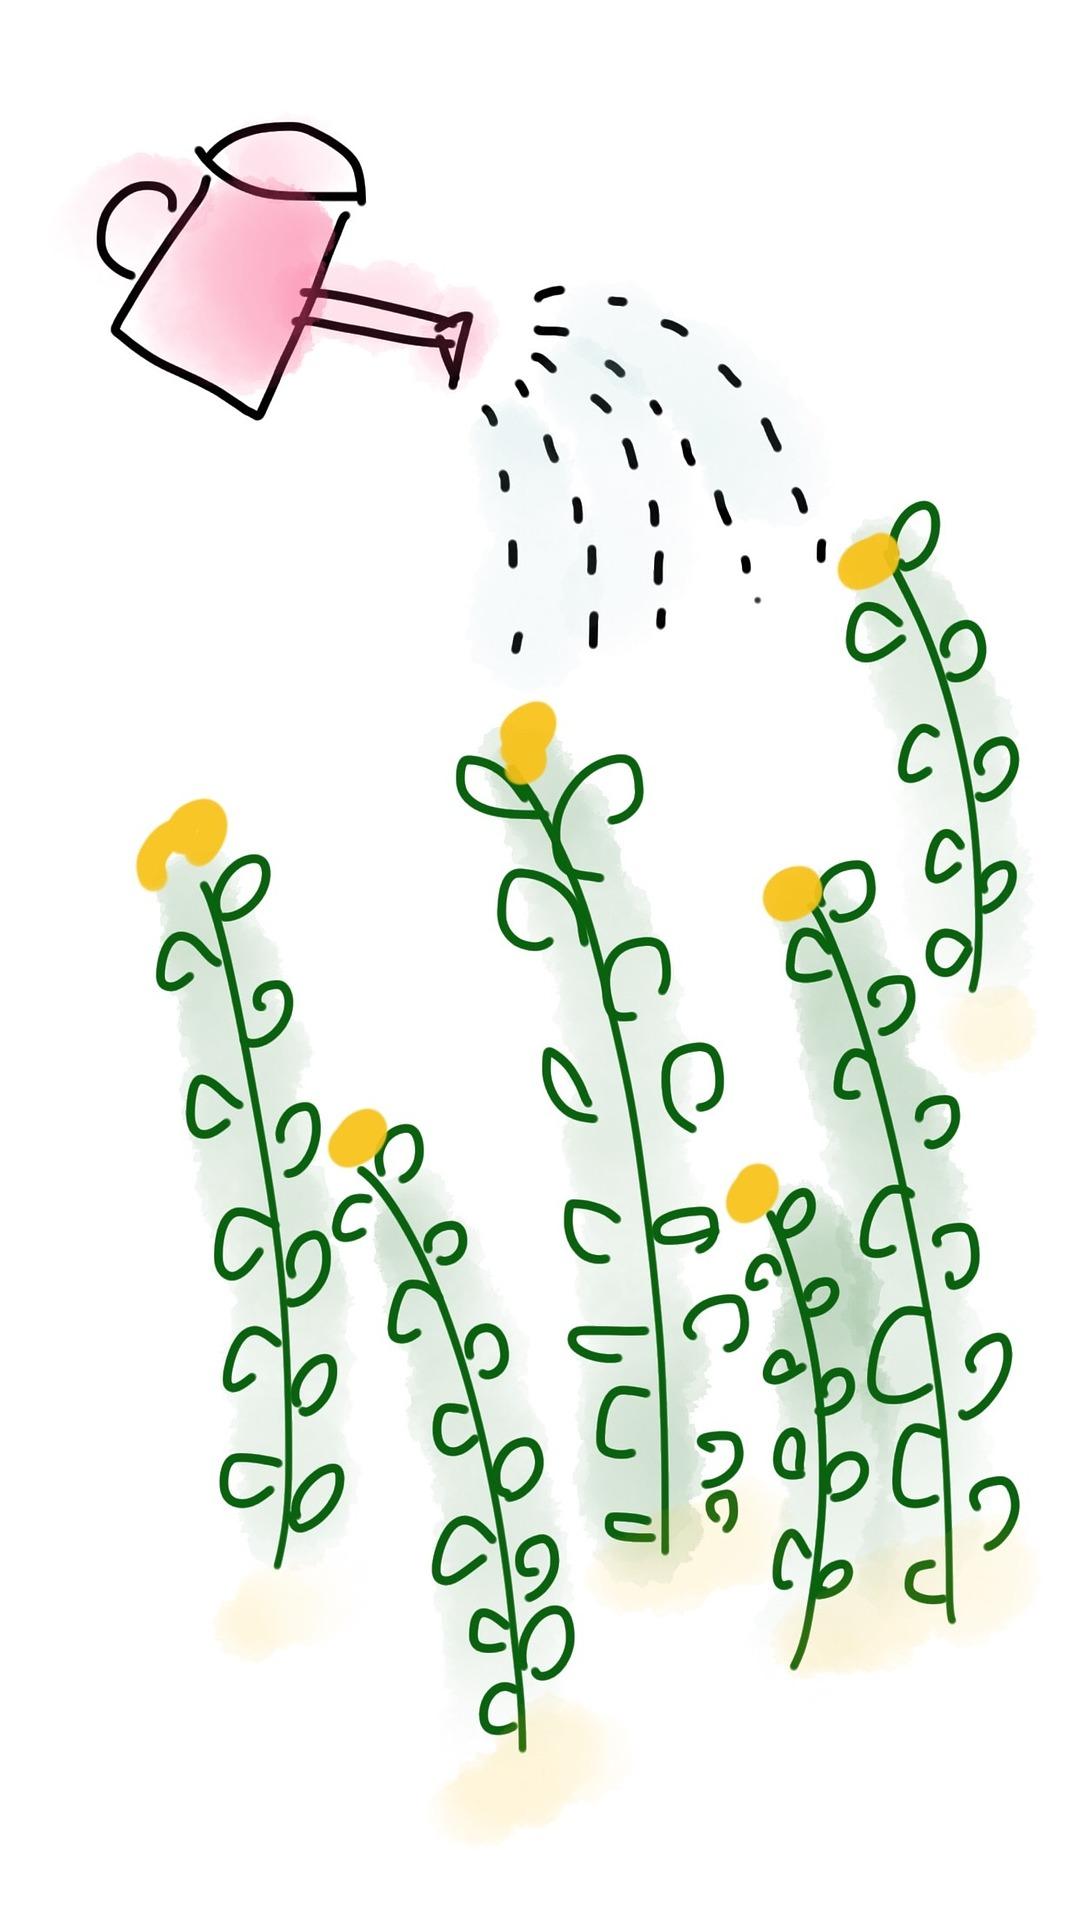 flowers-1291770_1920.jpg